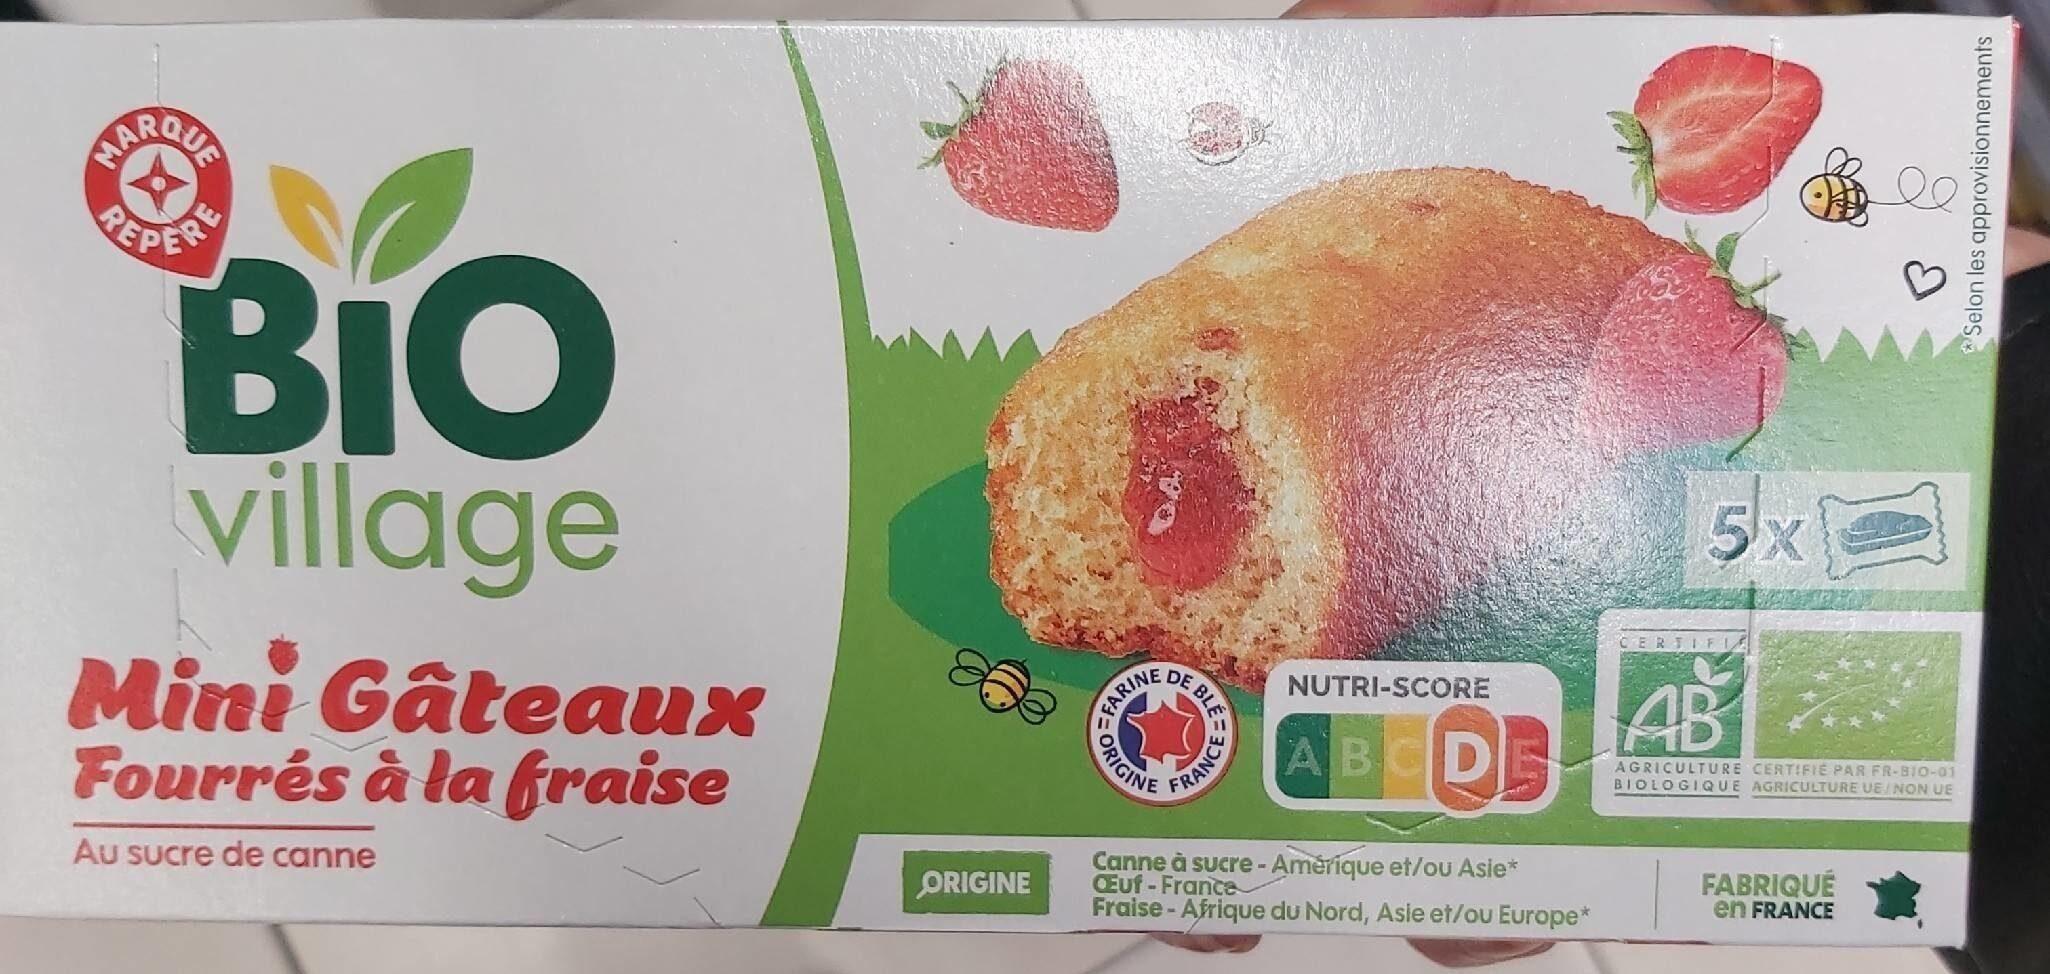 Gâteau fourré fraise - Prodotto - en